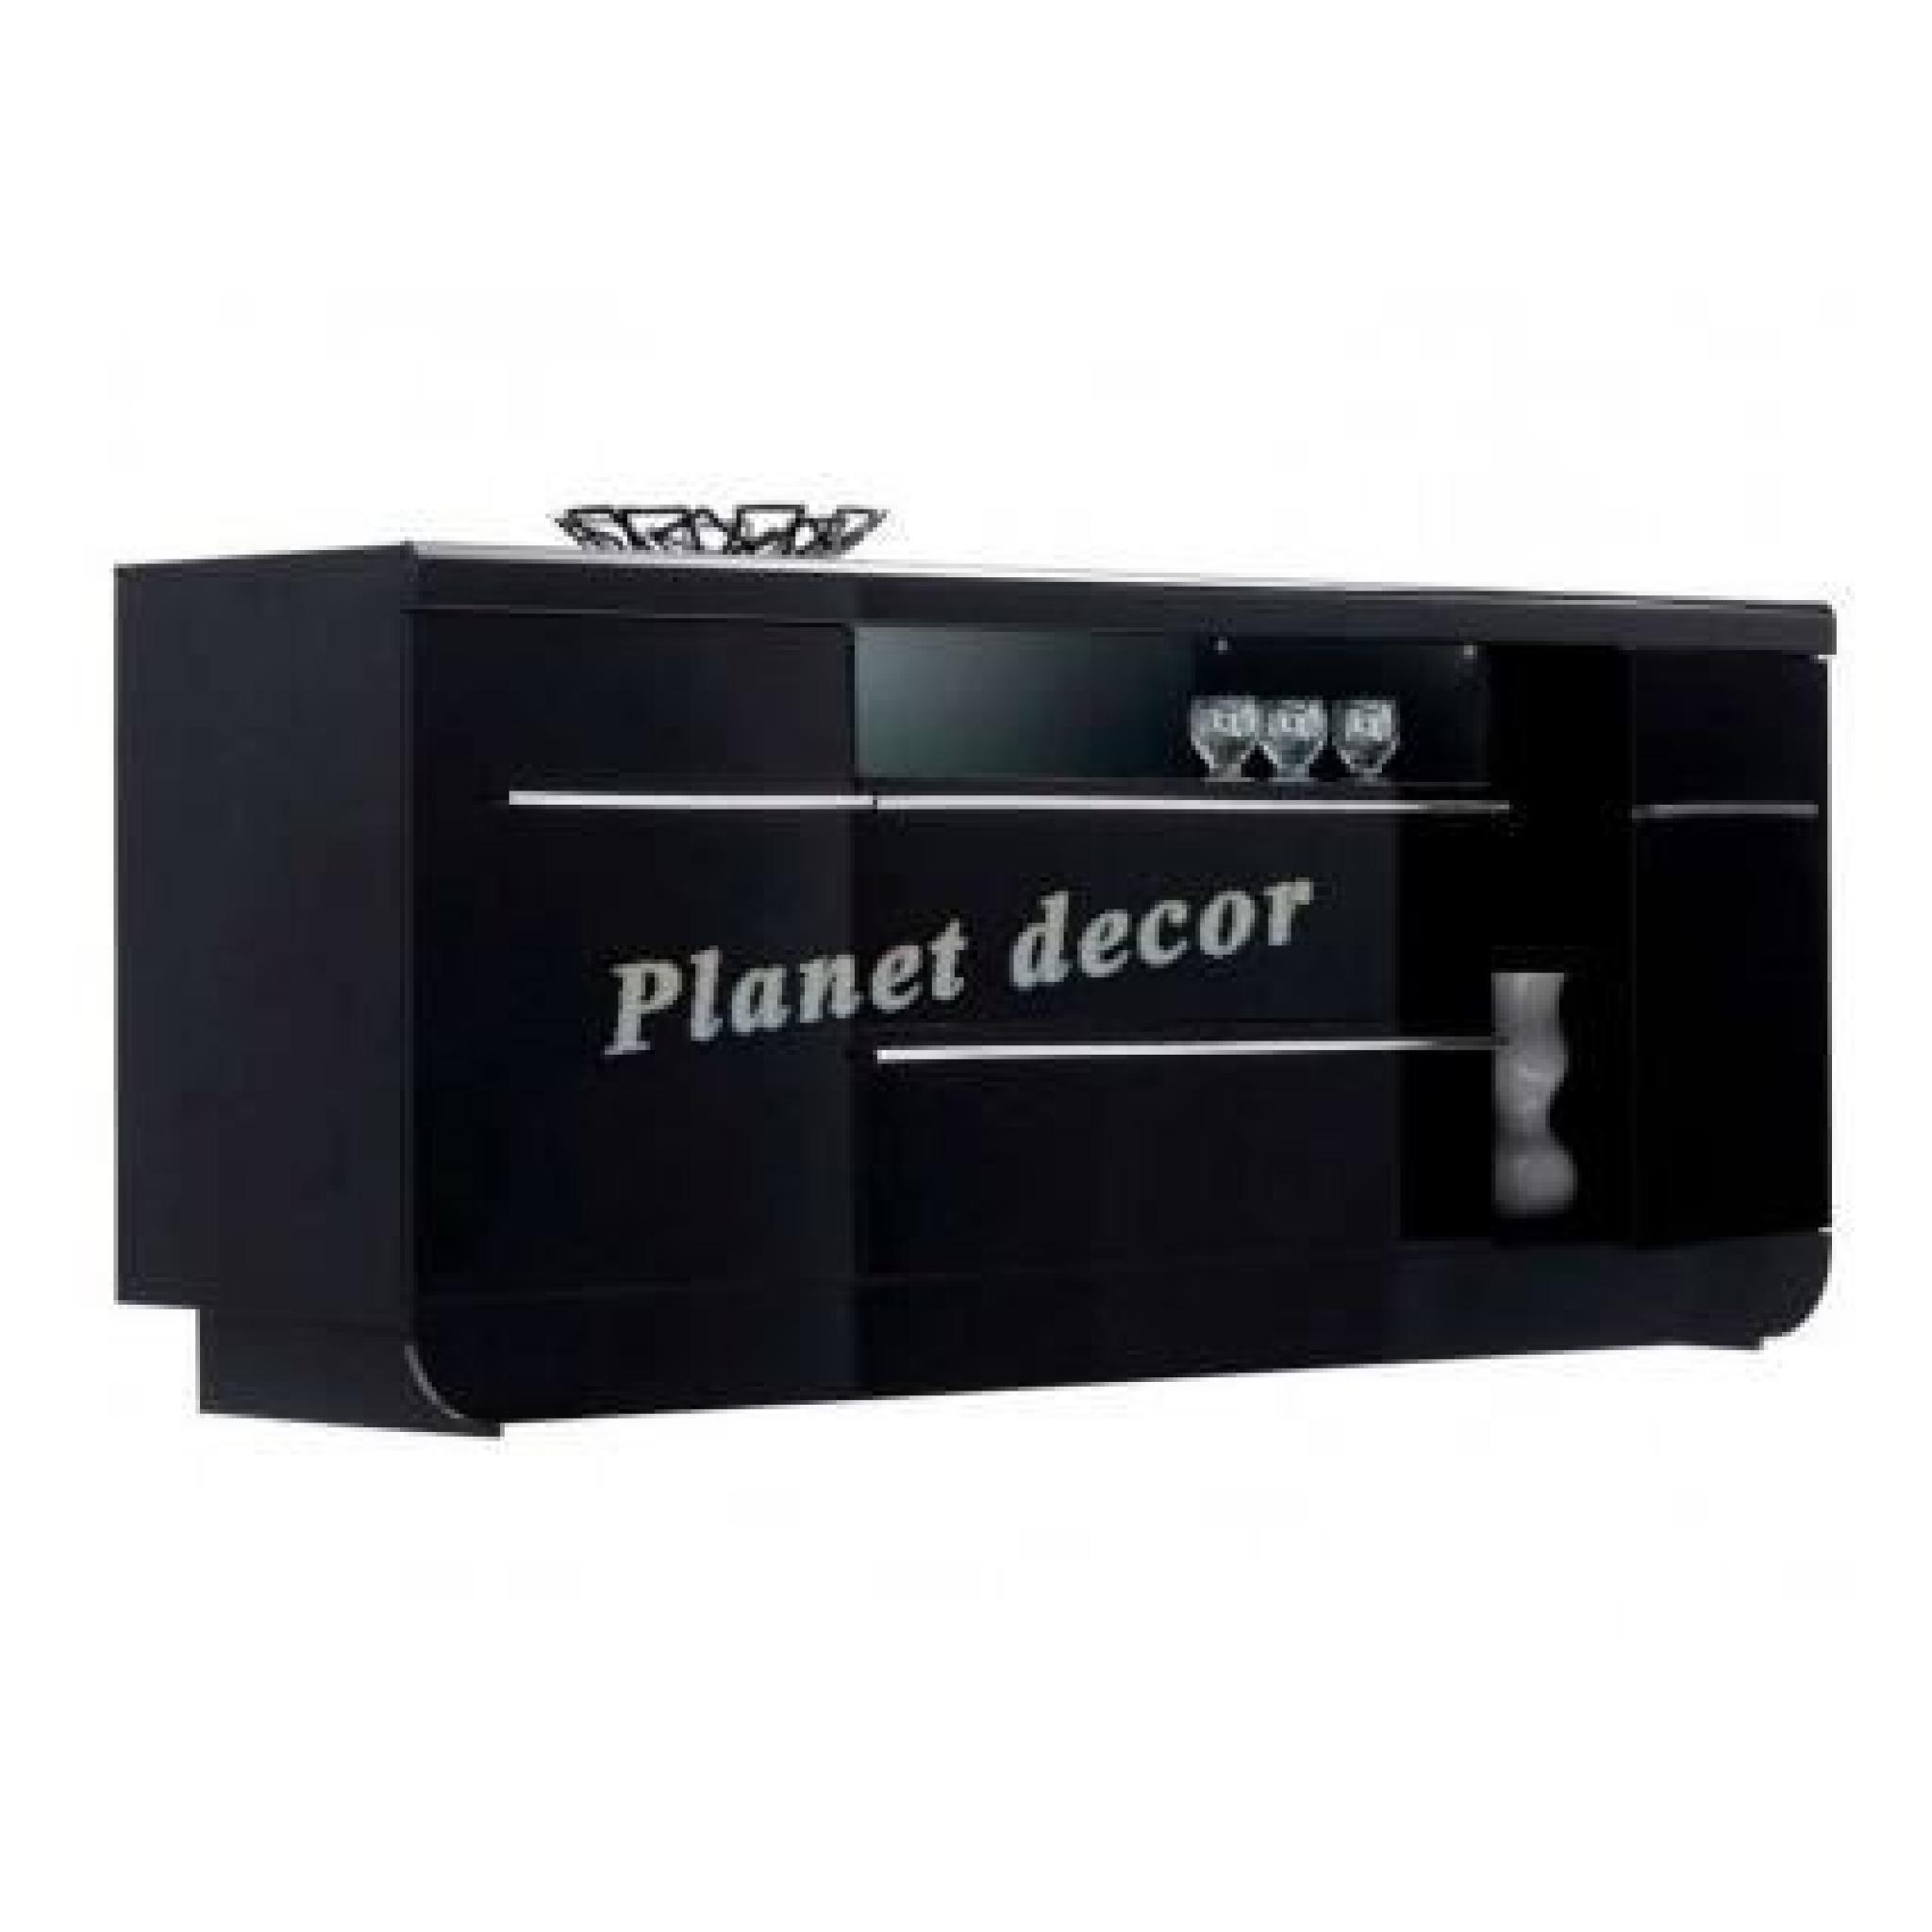 Buffet laqu noir 2 portes 2 tiroirs floyd sans led achat vente buffet pas - Buffet laque pas cher ...